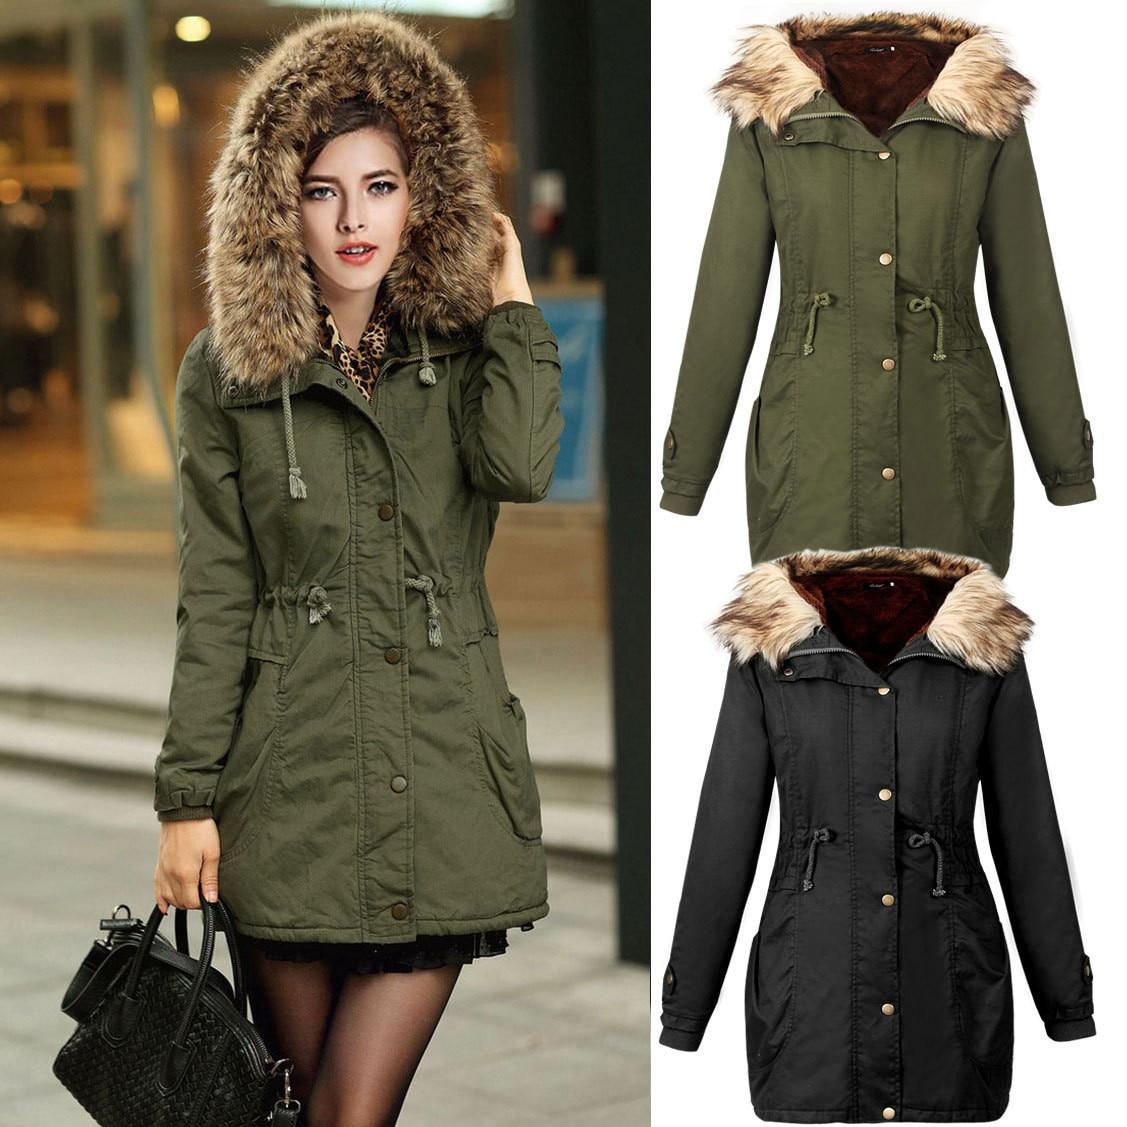 Green Parka Coat With Fur - JacketIn